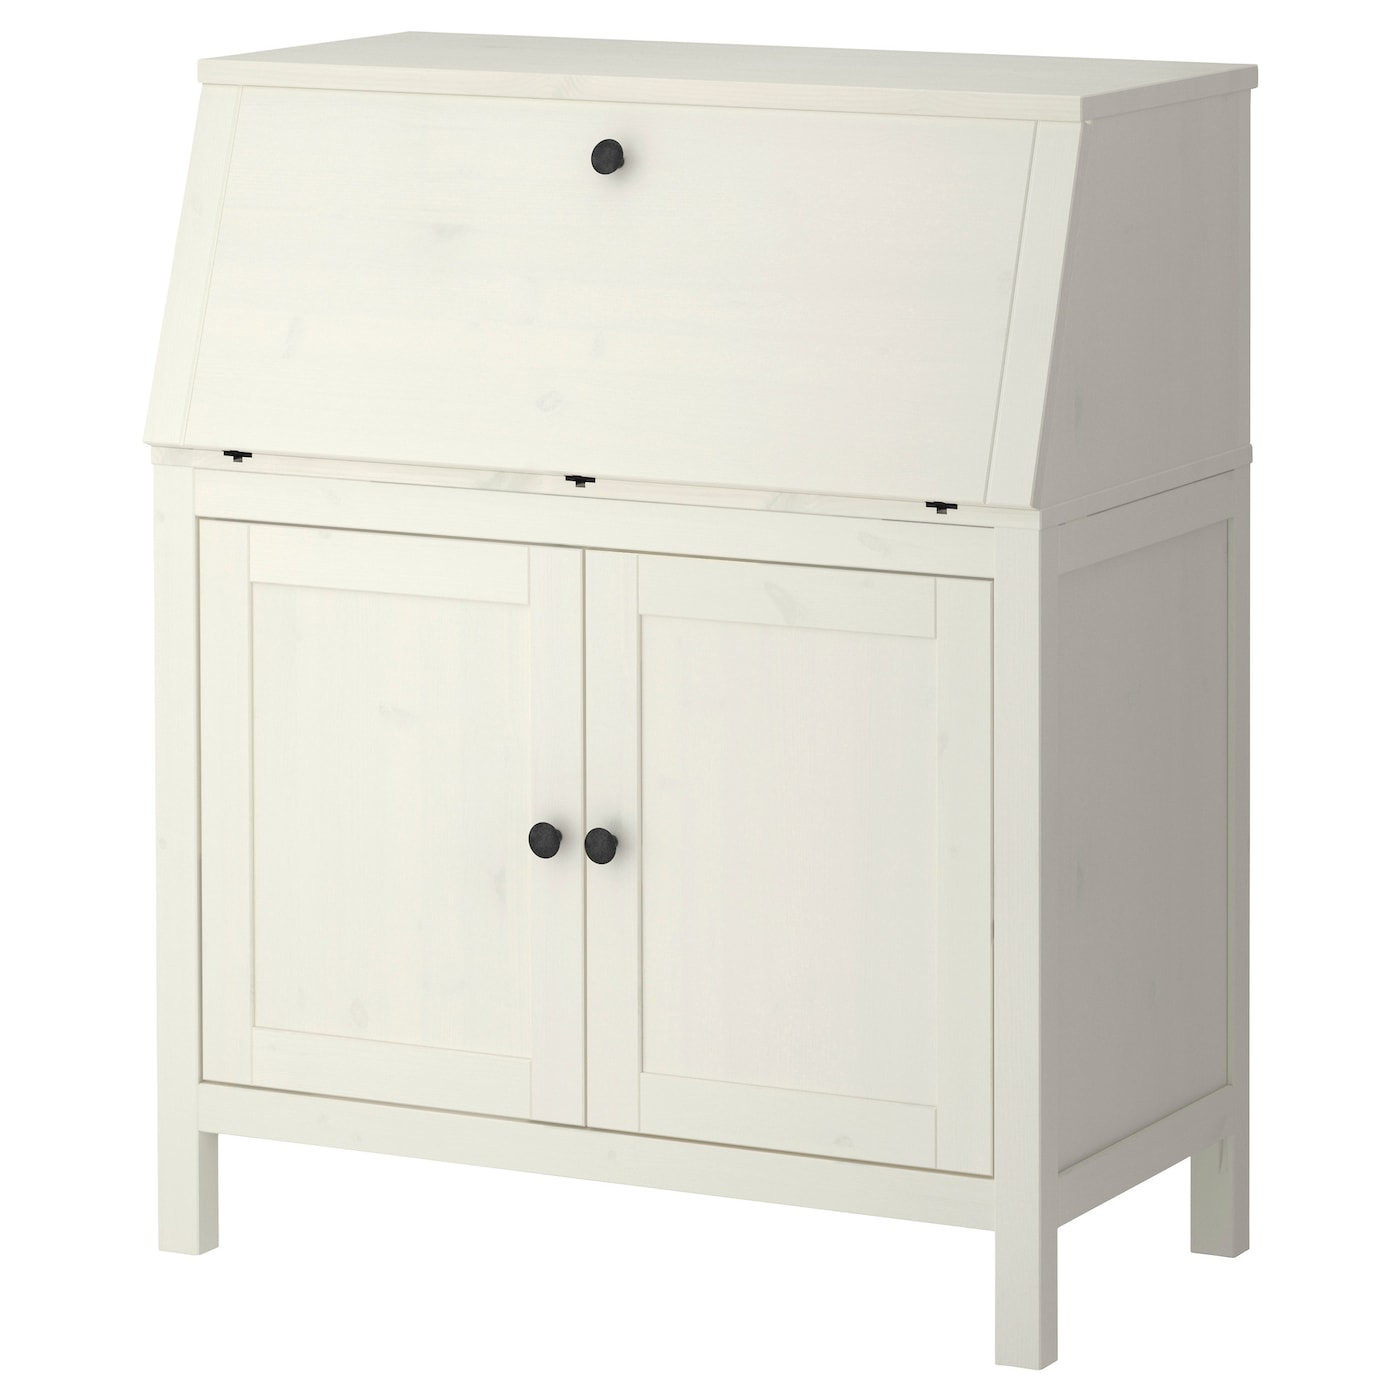 hemnes secrétaire teinté blanc 89 x 108 cm - ikea